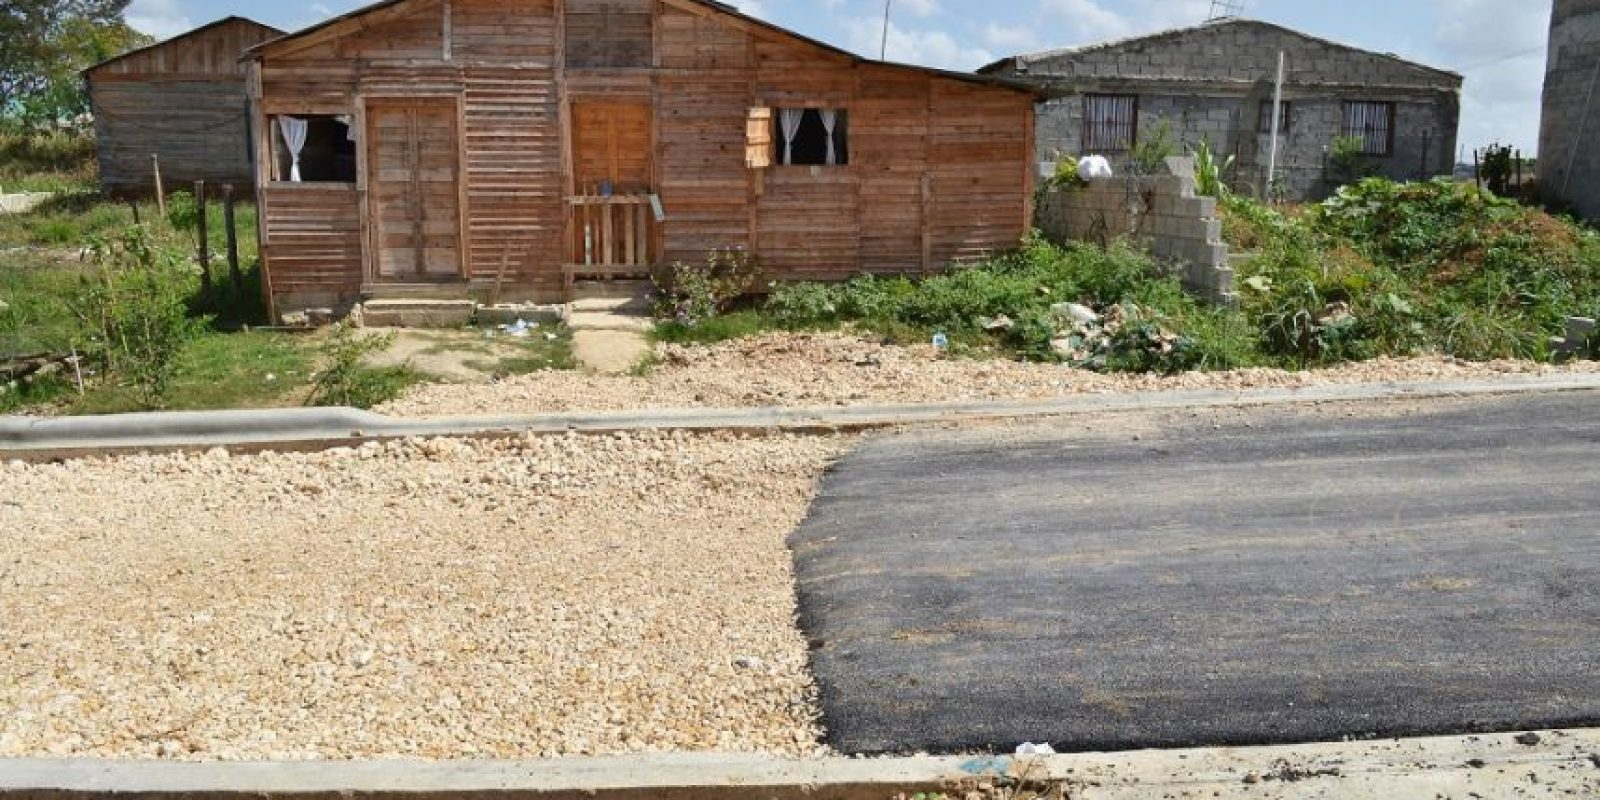 La calle que lleva al nuevo liceo sólo tiene una capa de asfalto hasta 50 metros más allá del inmueble. Foto:Mario de Peña